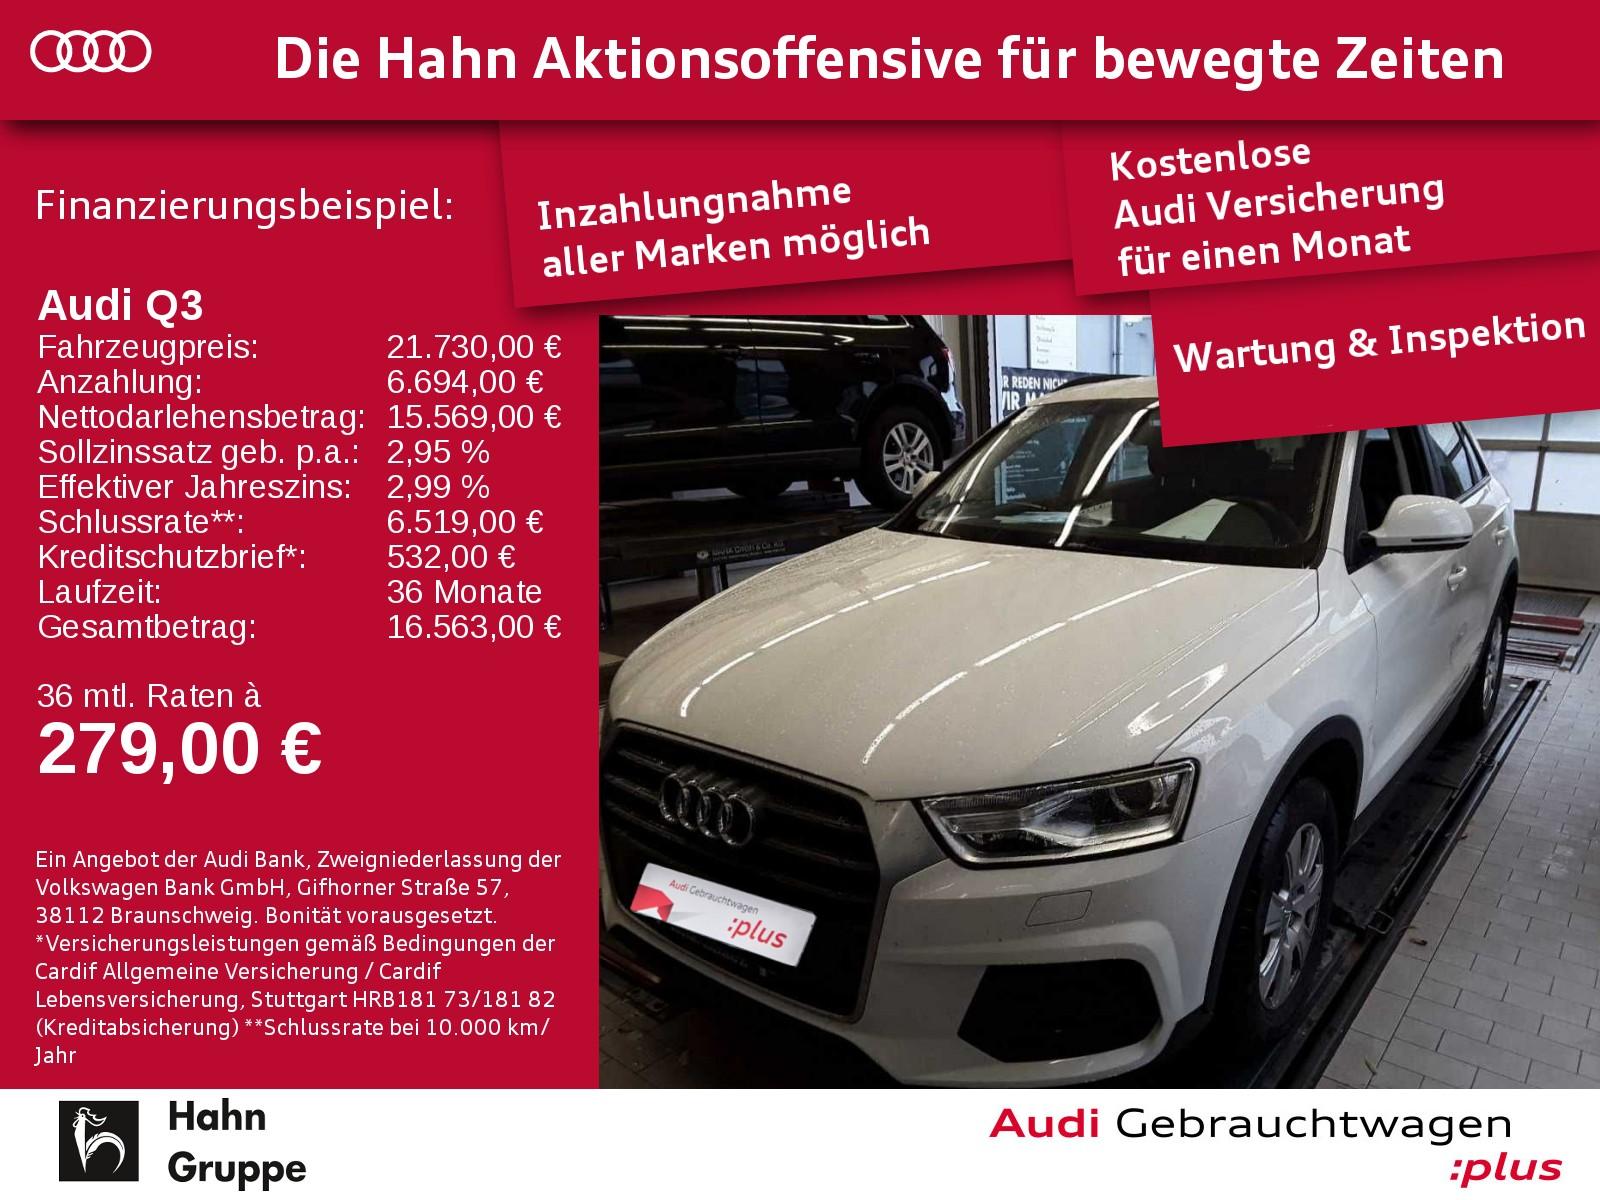 Audi Q3 2.0TDI Basis Xen Sitzh Einpark, Jahr 2017, Diesel